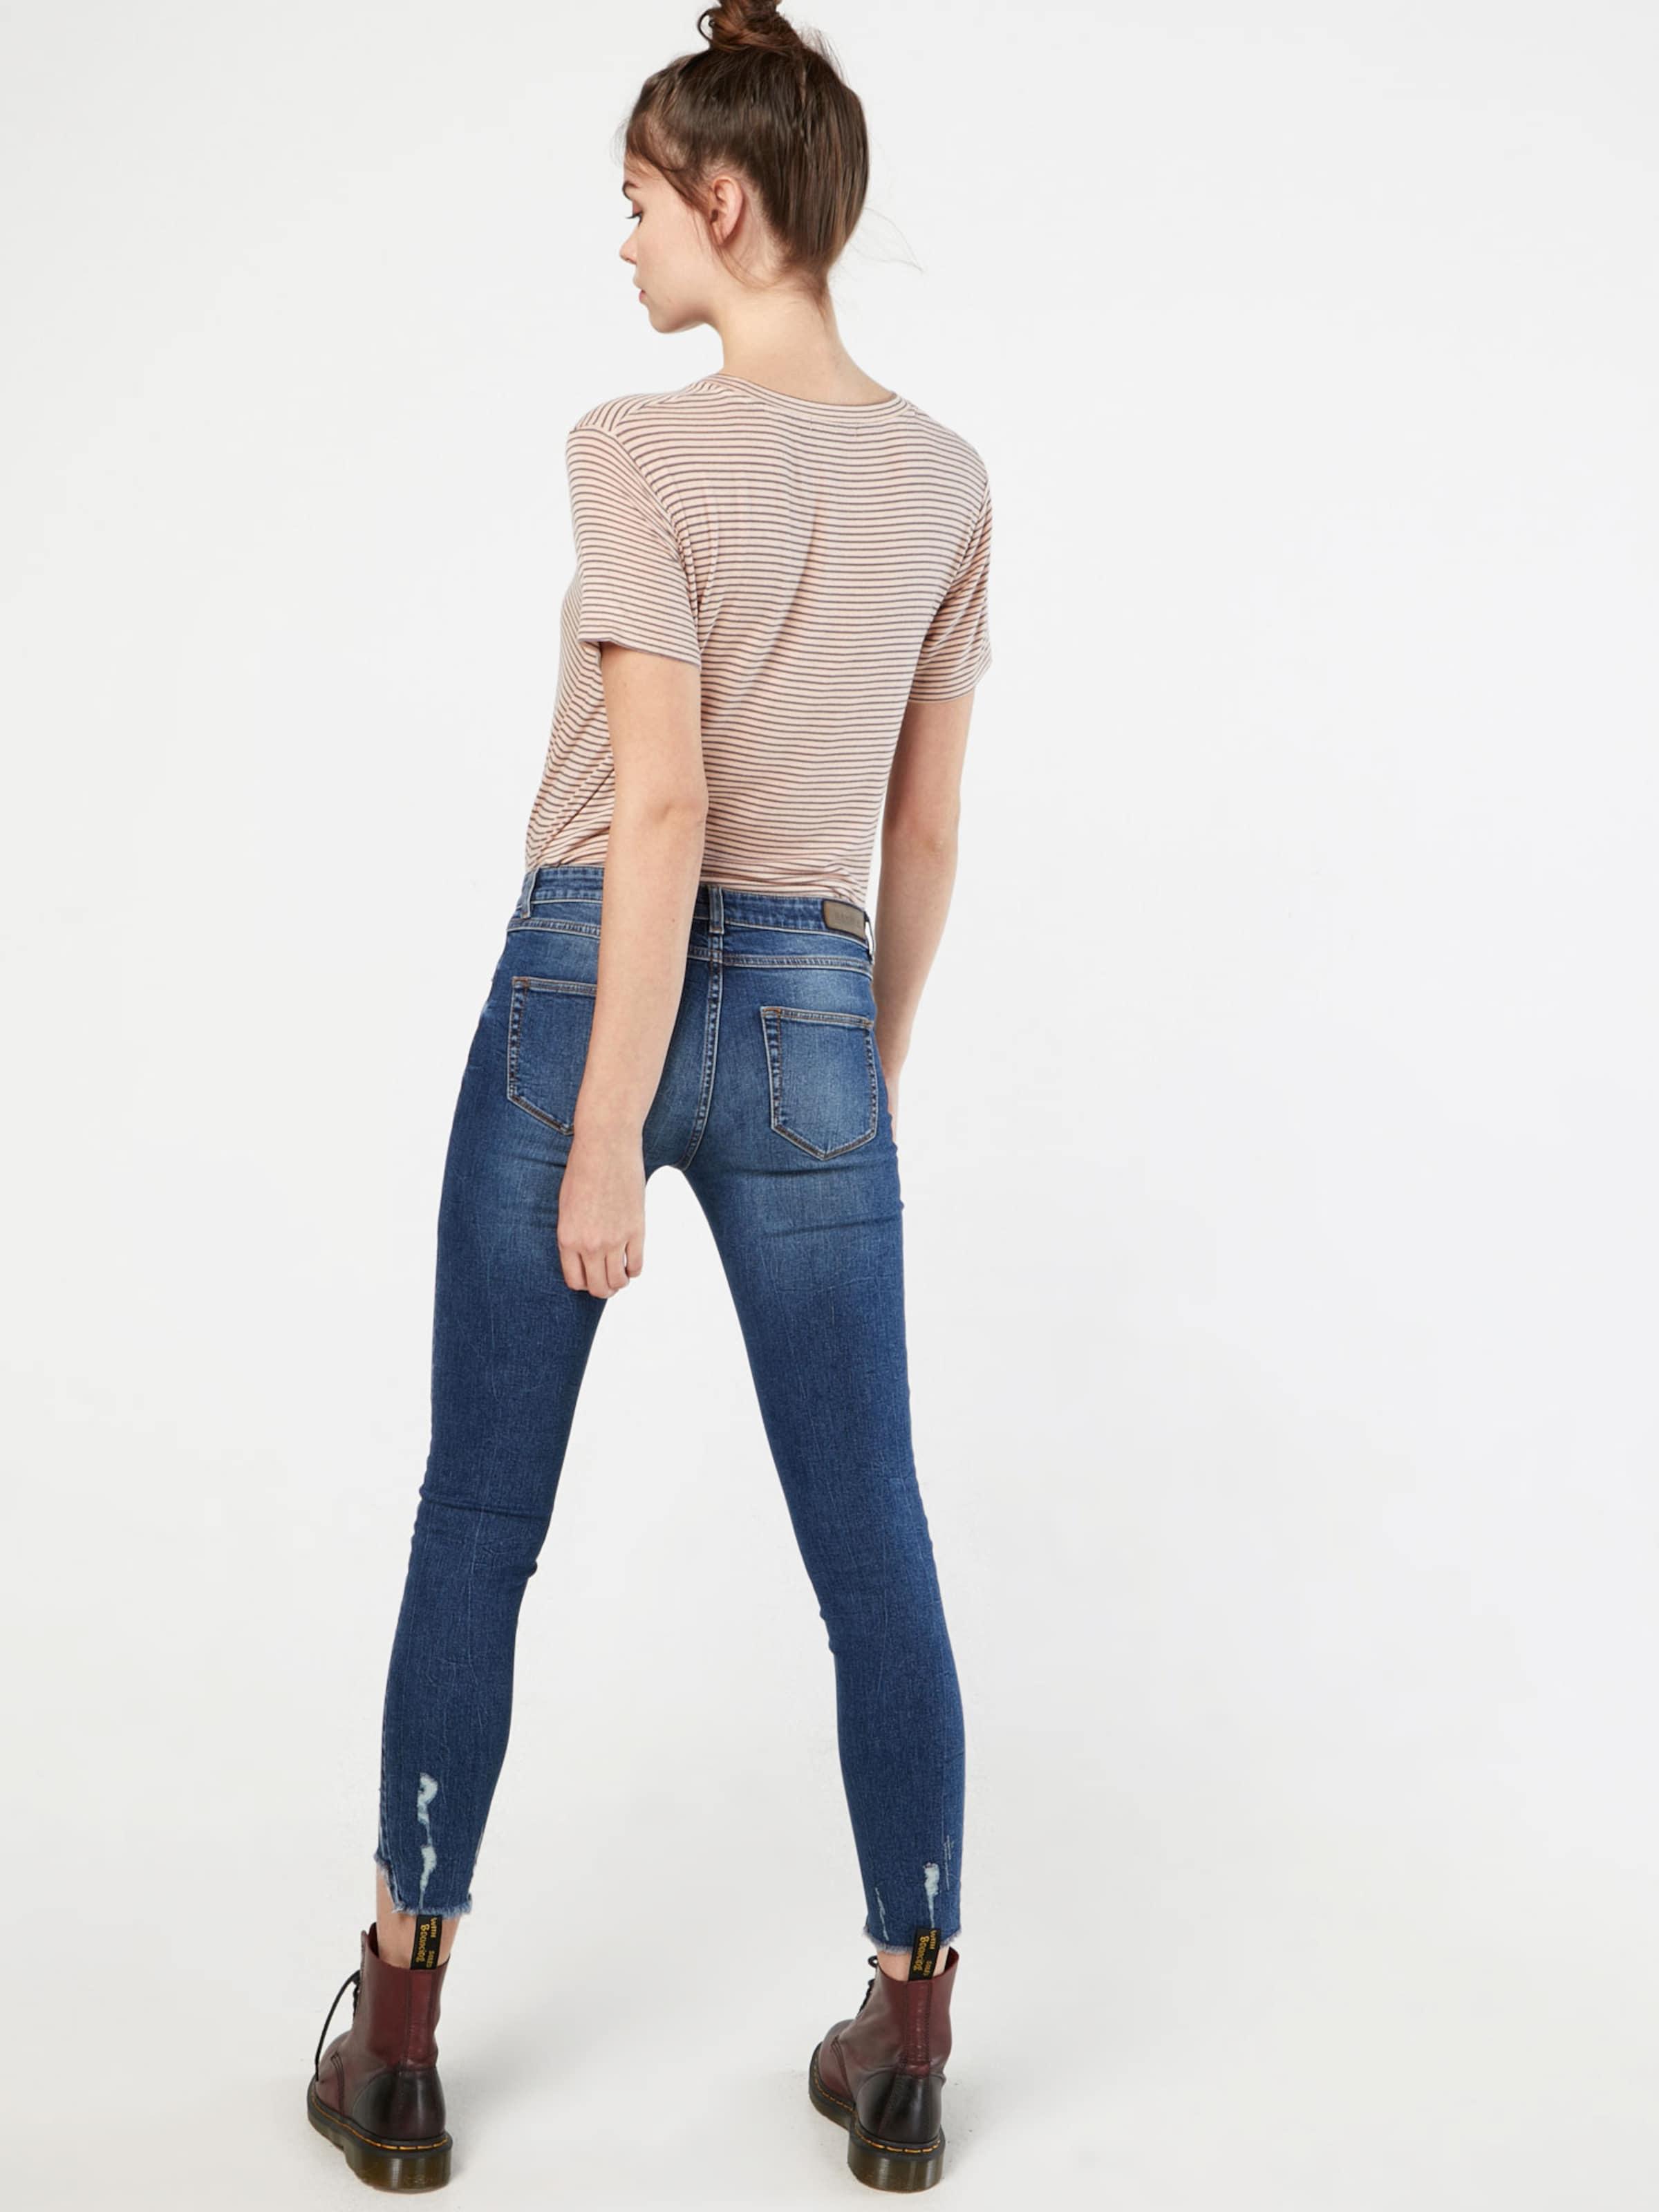 Review 'HEAVY' Jeans Bester Großhandel Zu Verkaufen Freies Verschiffen Preiswerter Preis Verkauf Besten Preise Kauf 76ggflzv